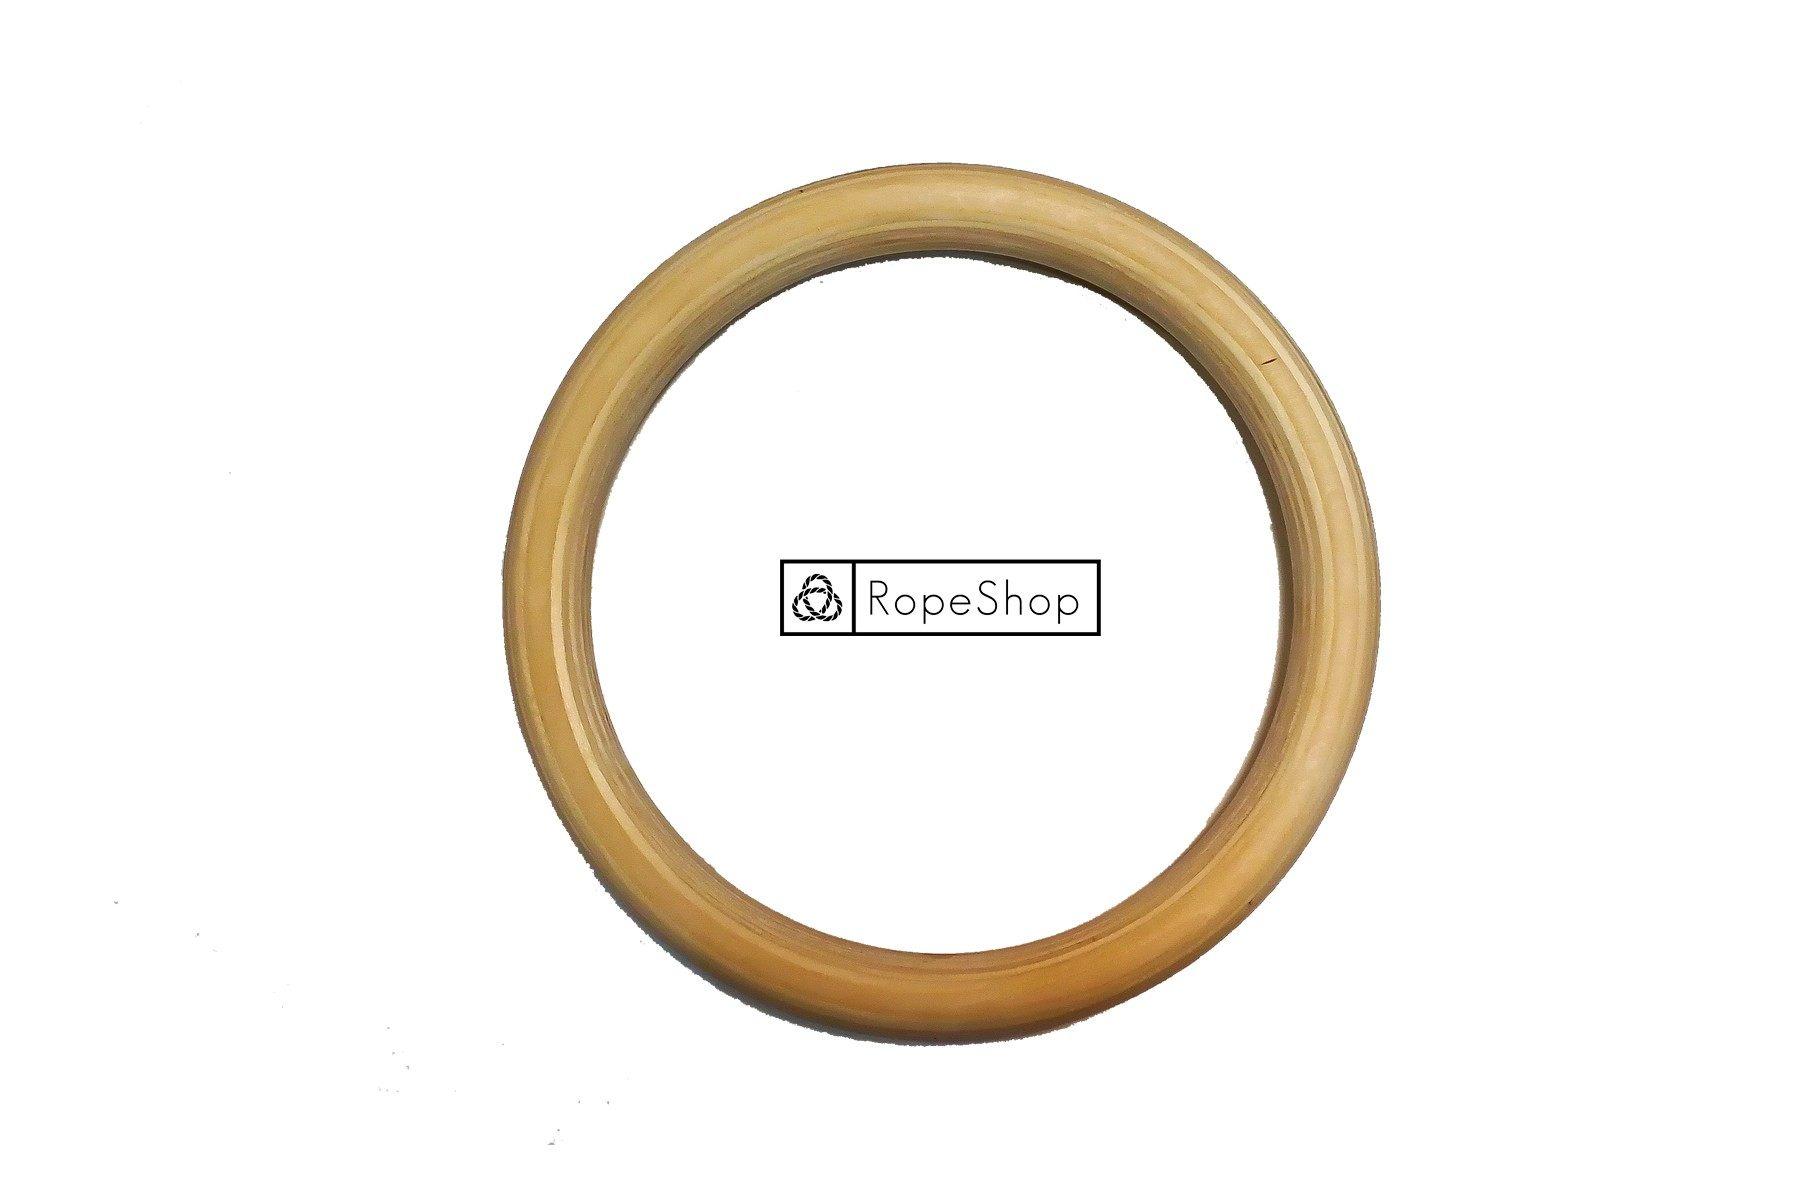 Кольцо бондажное, деревянное, 30 см